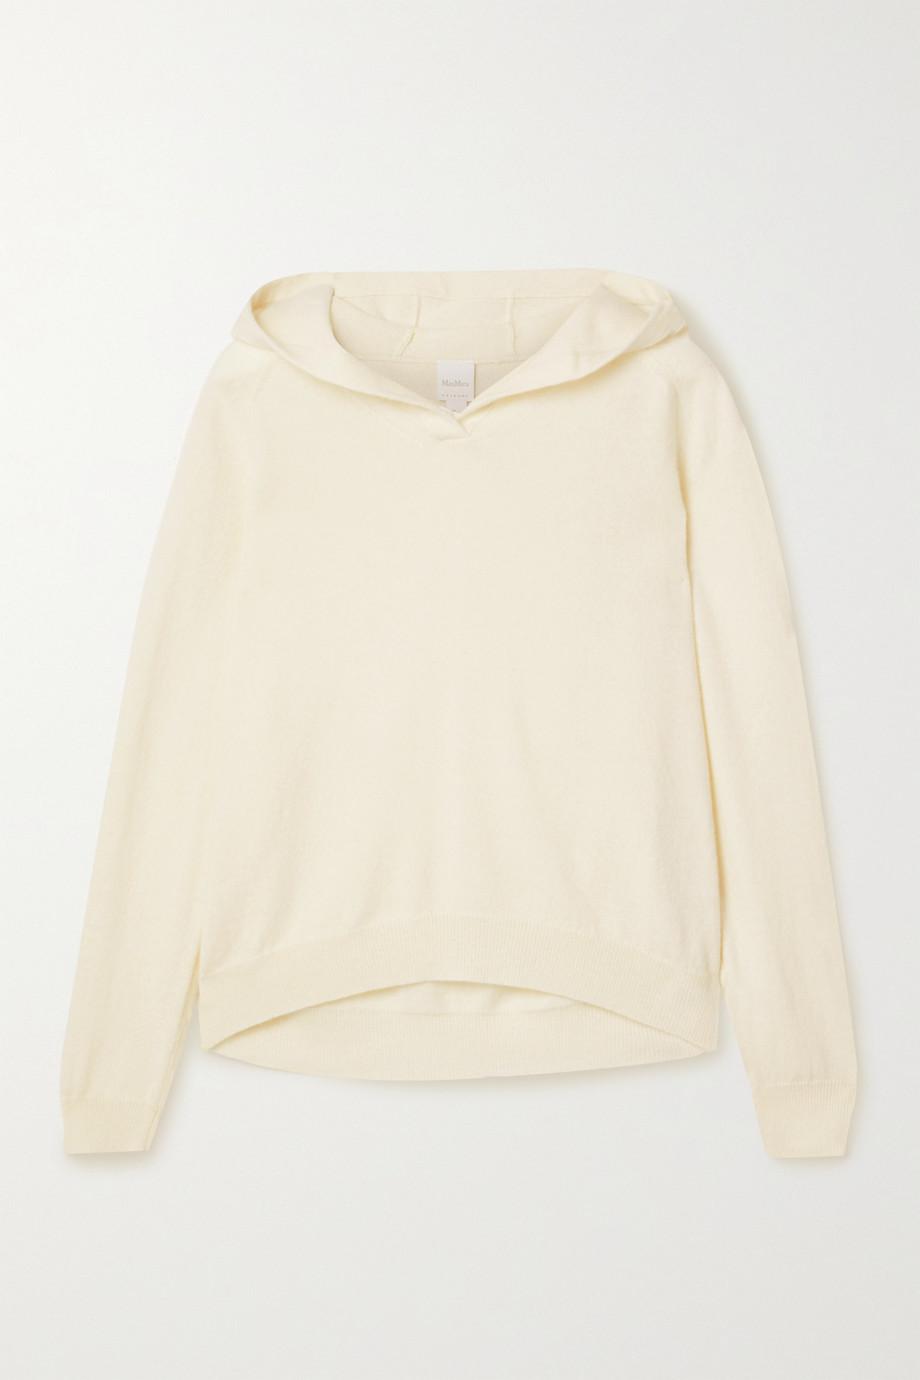 Max Mara Leisure Kiss cashmere hoodie